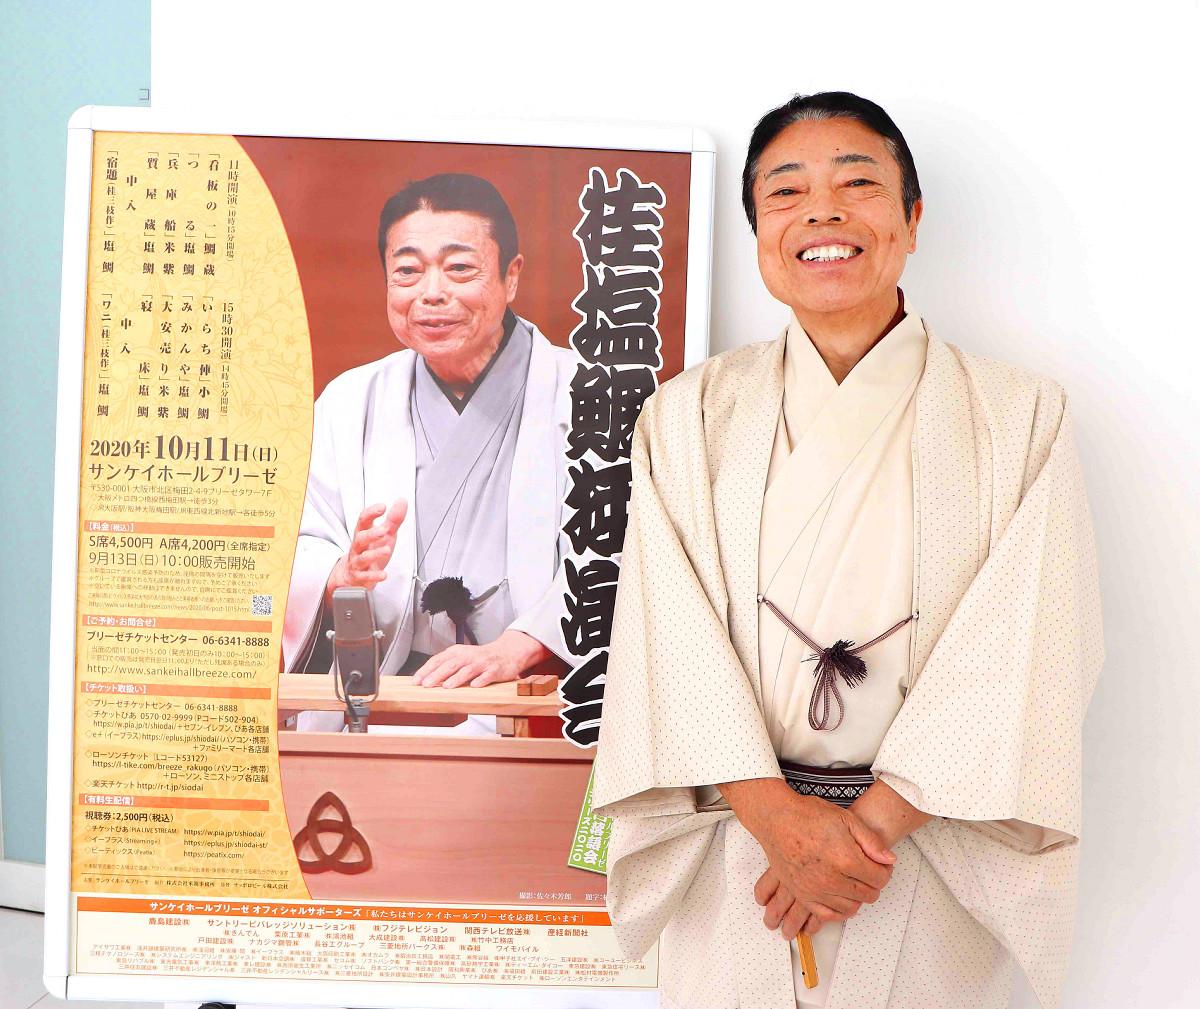 大阪・サンケイホールブリーゼで10月11日に開催される独演会をPRした桂塩鯛